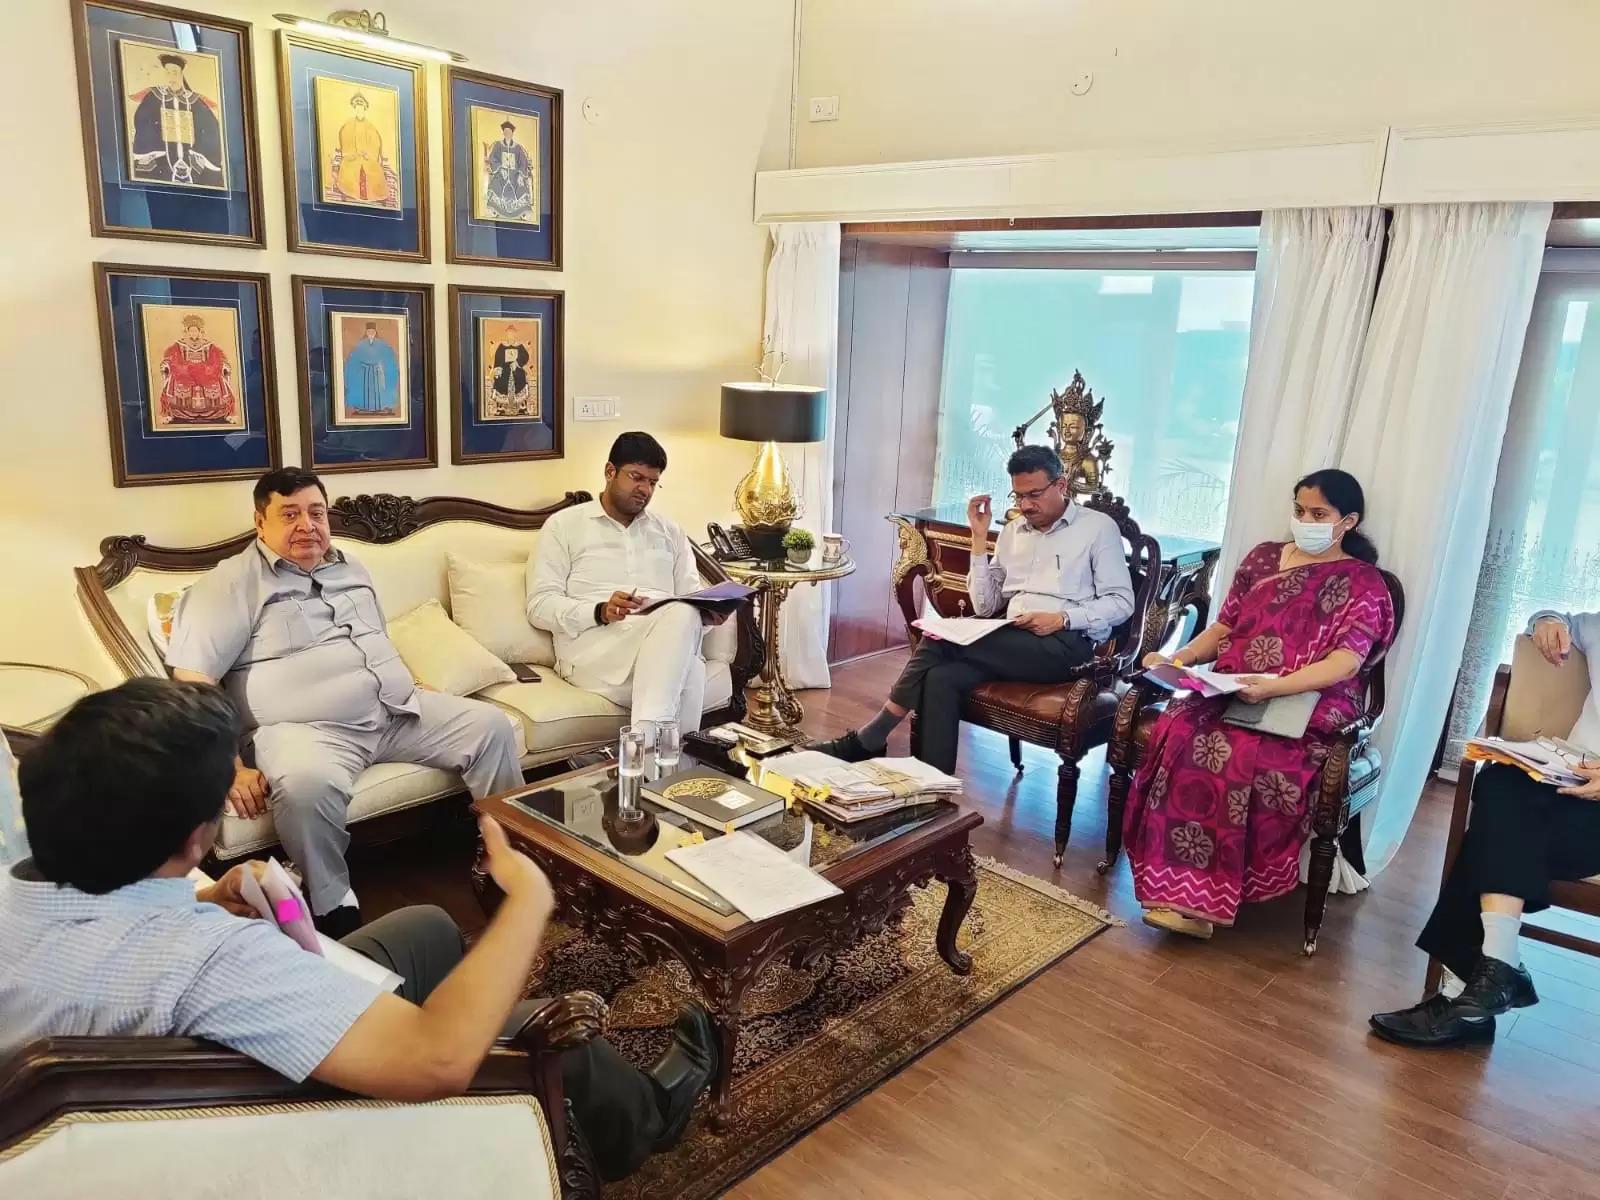 उपमुख्यमंत्री ने खरीफ फसल खरीद की तैयारियों को लेकर अधिकारियों के साथ की बैठक